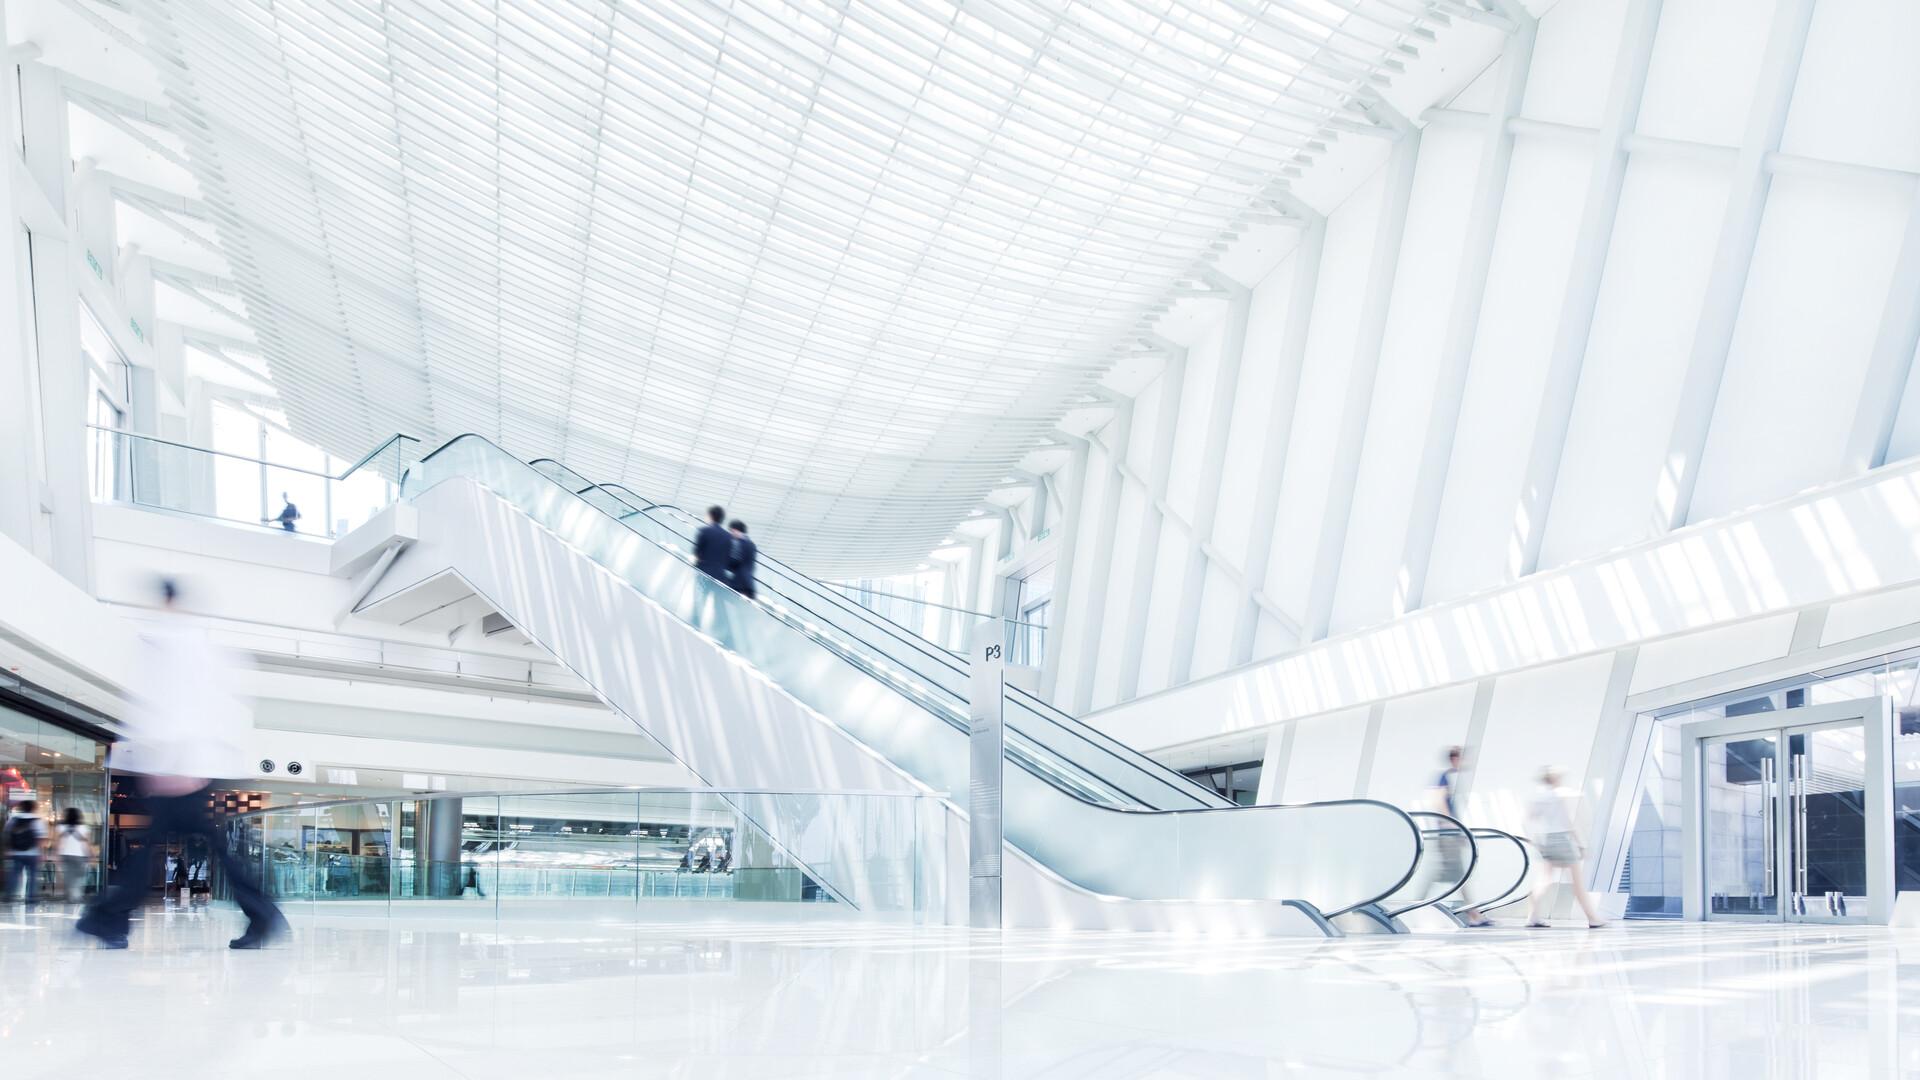 People indoor Indoor escalator. architecture, modern, office